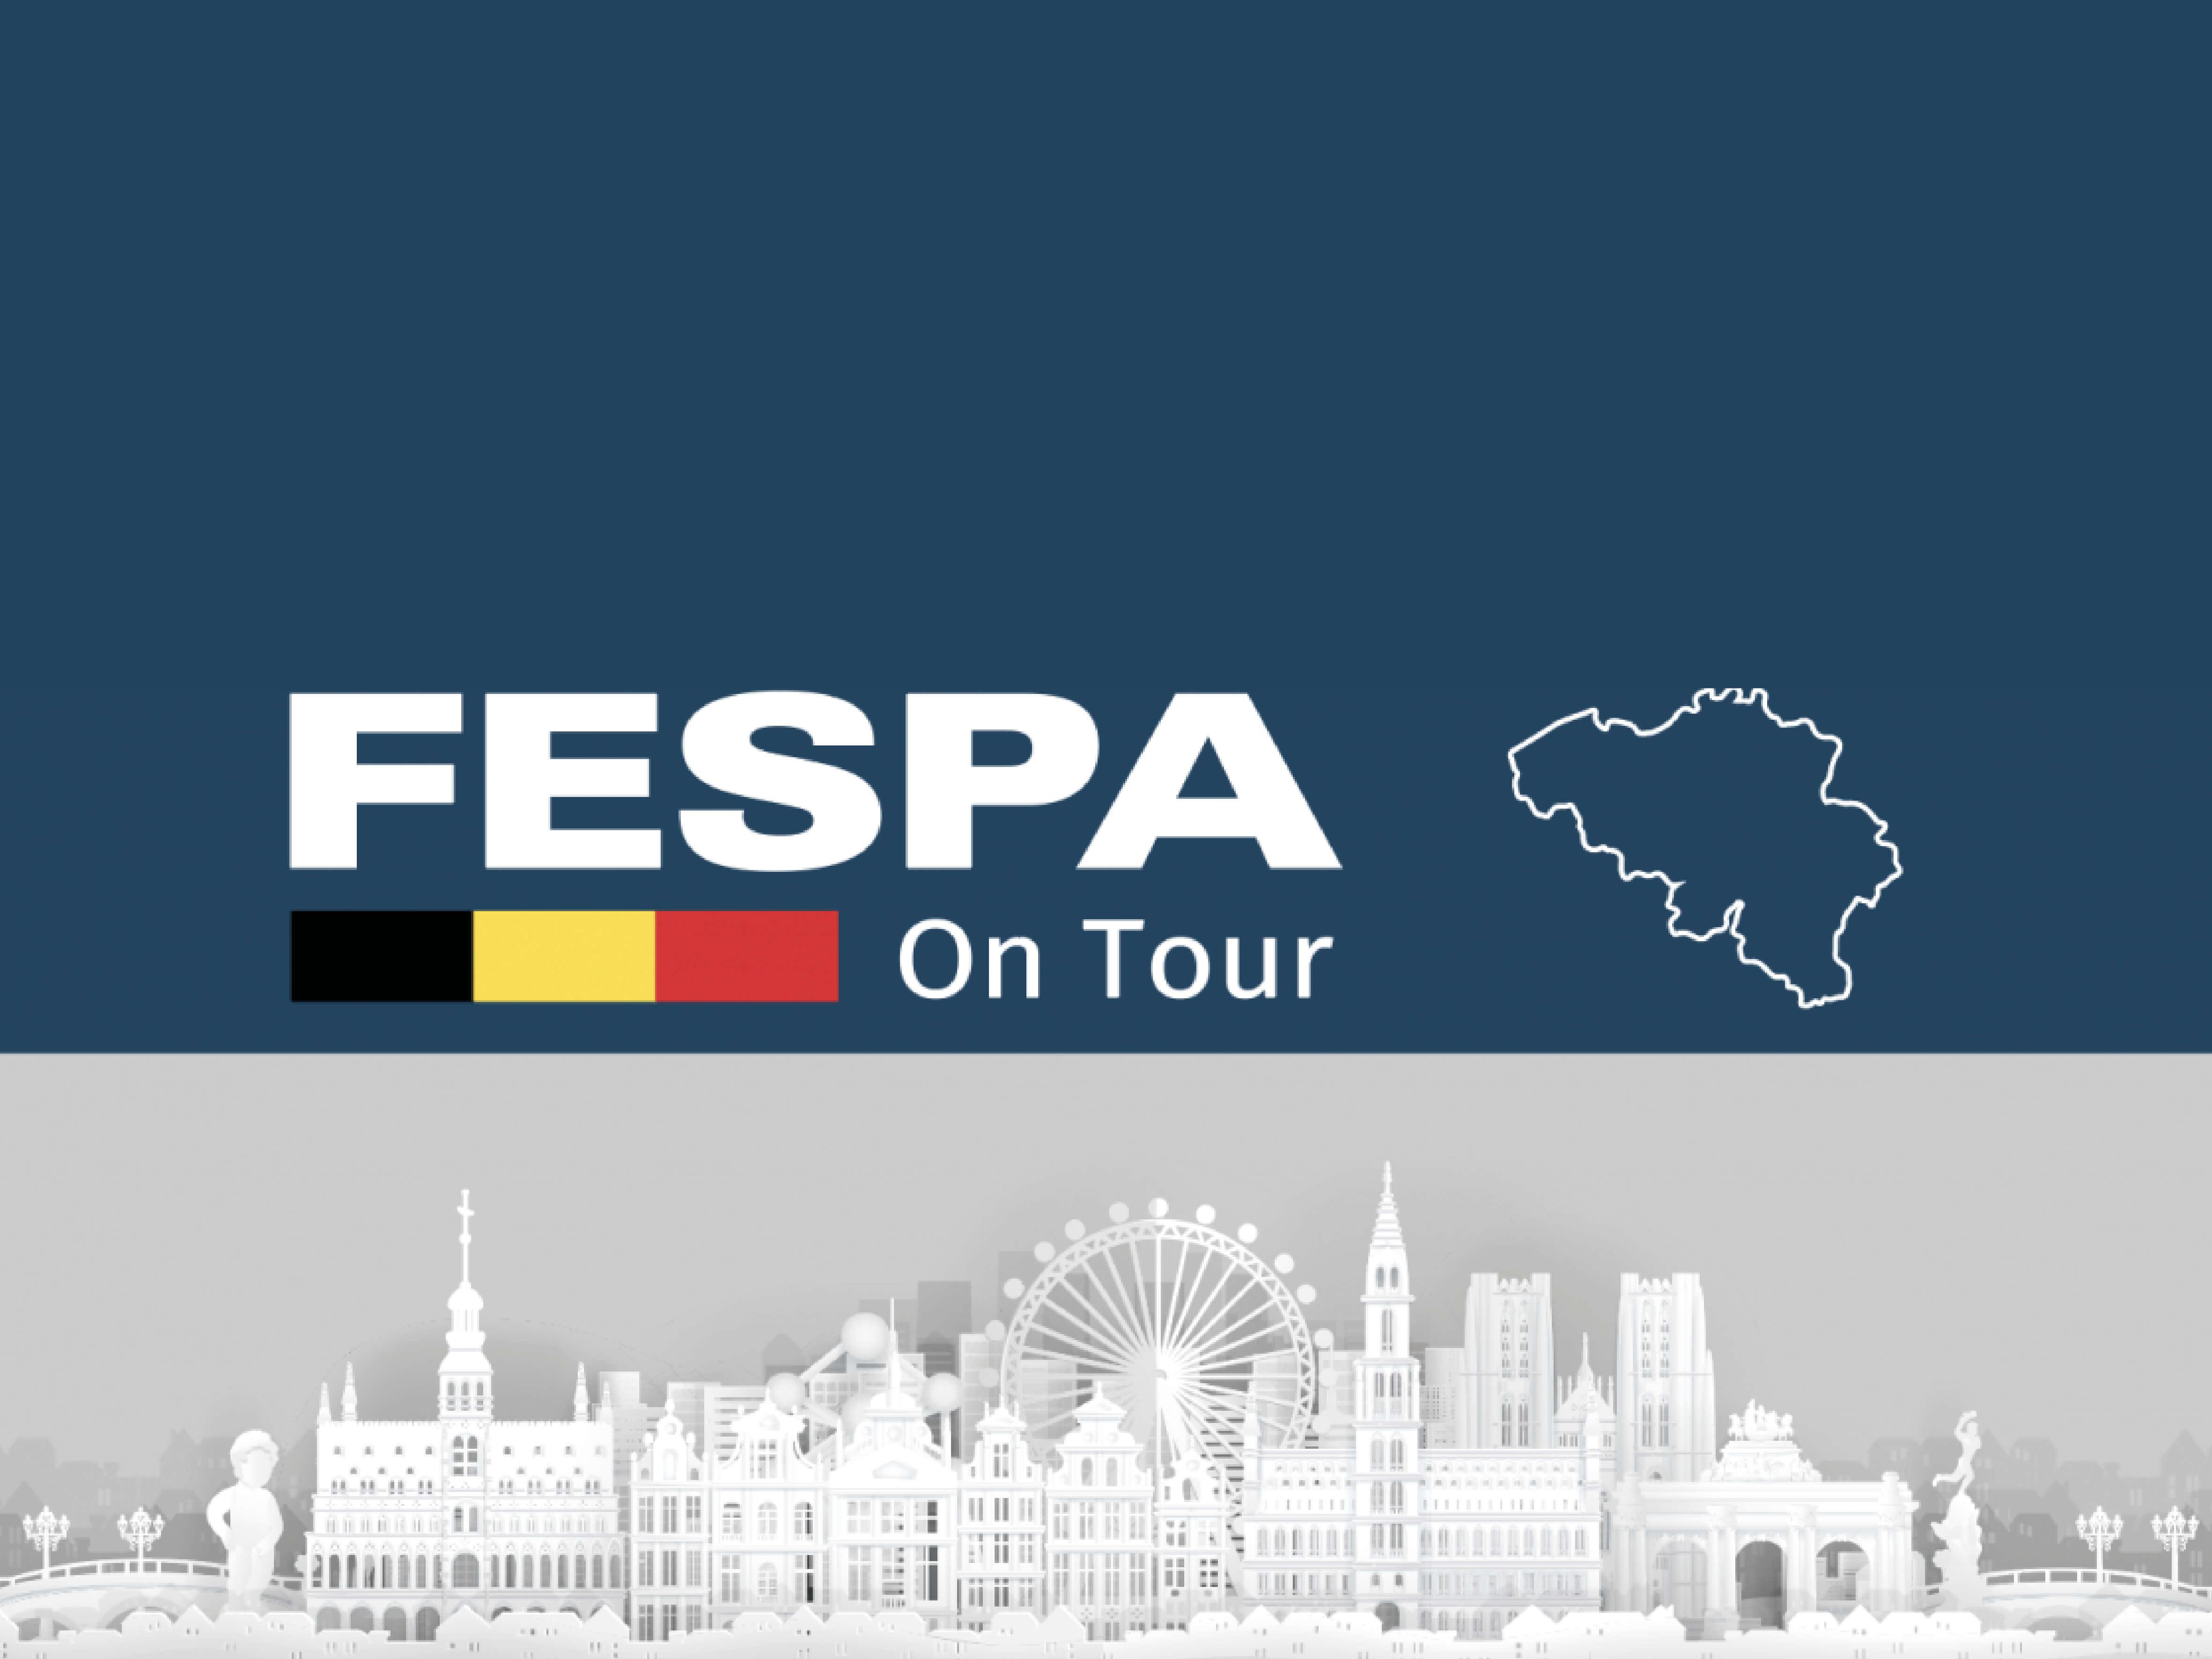 Fespa On Tour @ XL Reklame